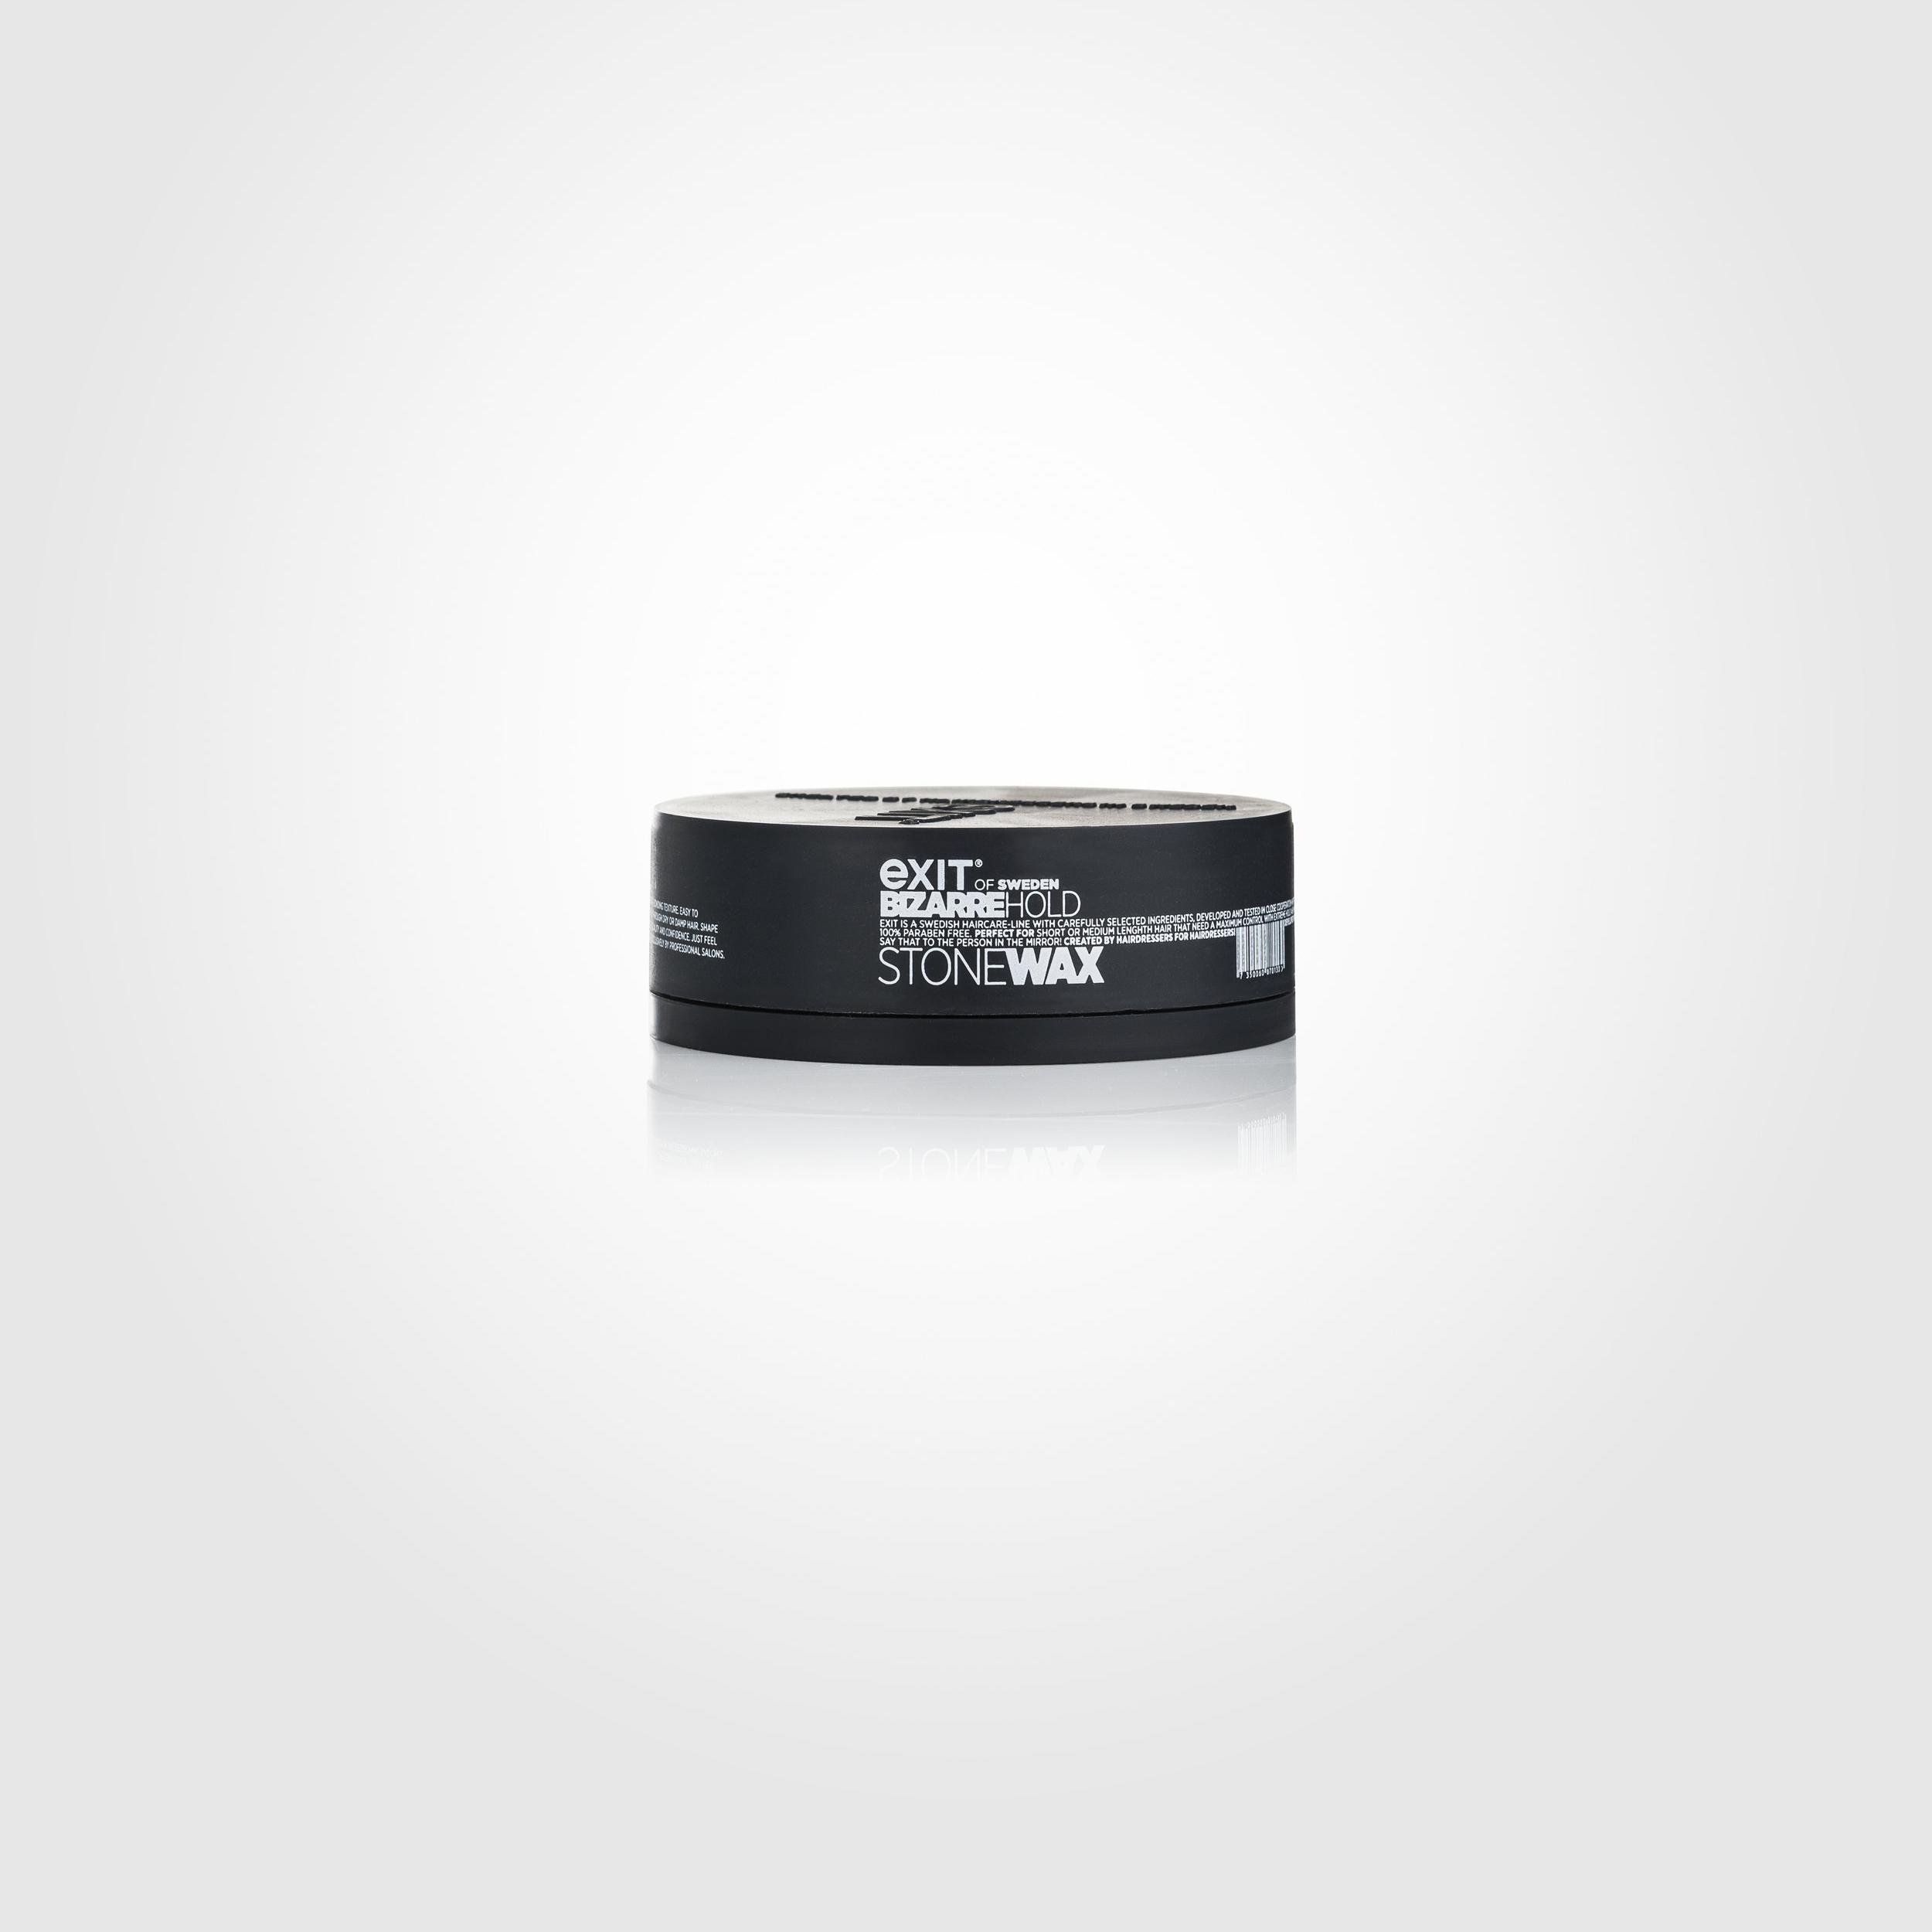 Superhård hårvax med en läcker limkonsistens. Lätt att använda och lätt att skölj ur. Maximal kontroll. Passar korta frisyrer. Styrka: 10 av 10. Glans: 1 av 10.